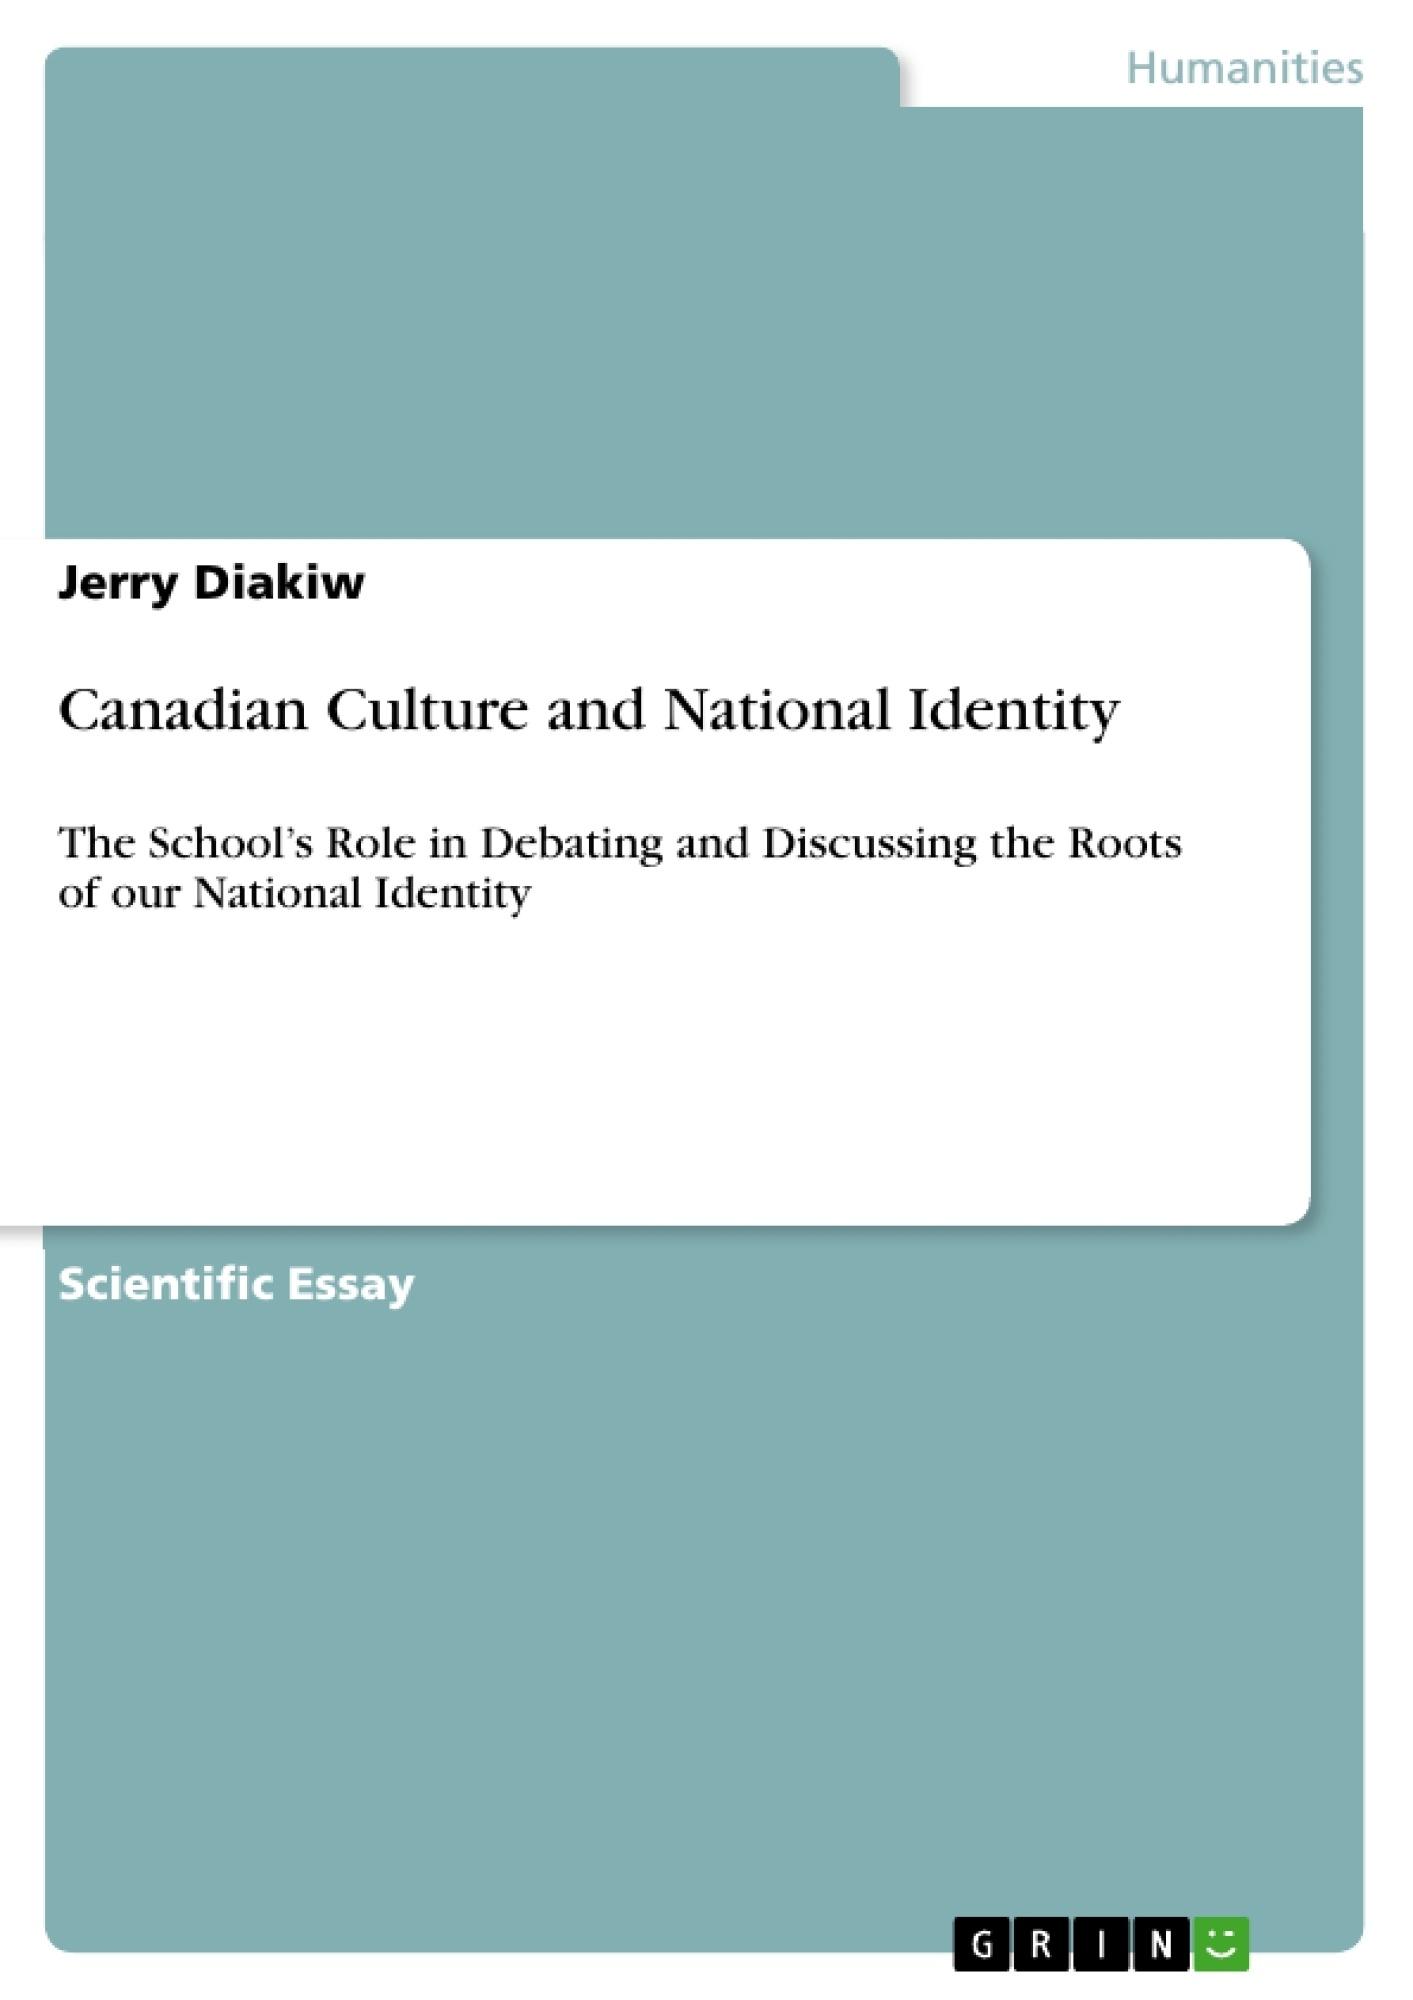 Kanada aufsatz englisch bachelor themen medien